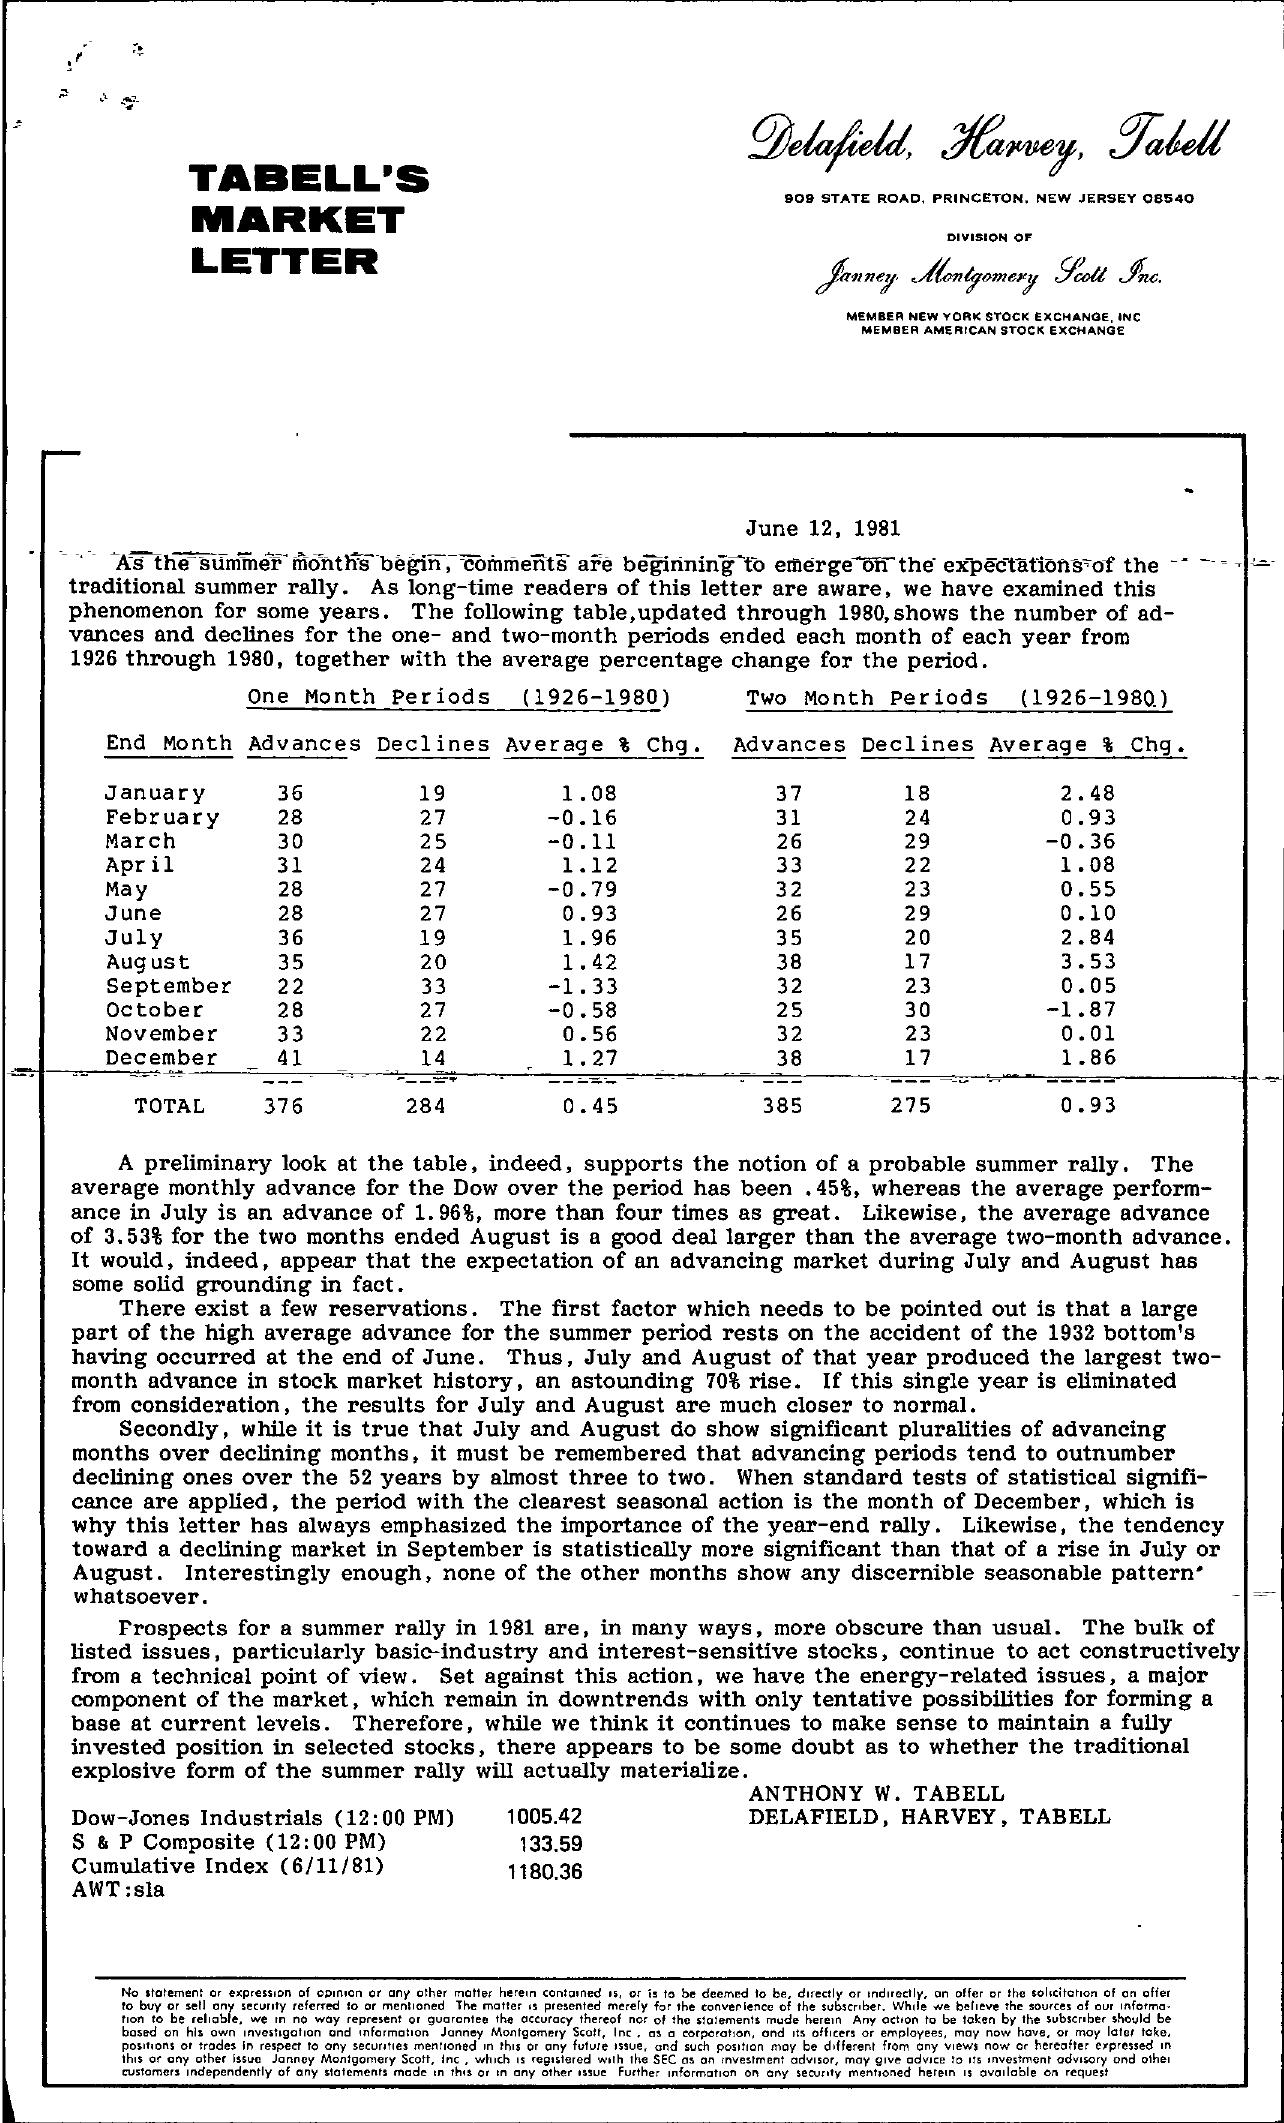 Tabell's Market Letter - June 12, 1981